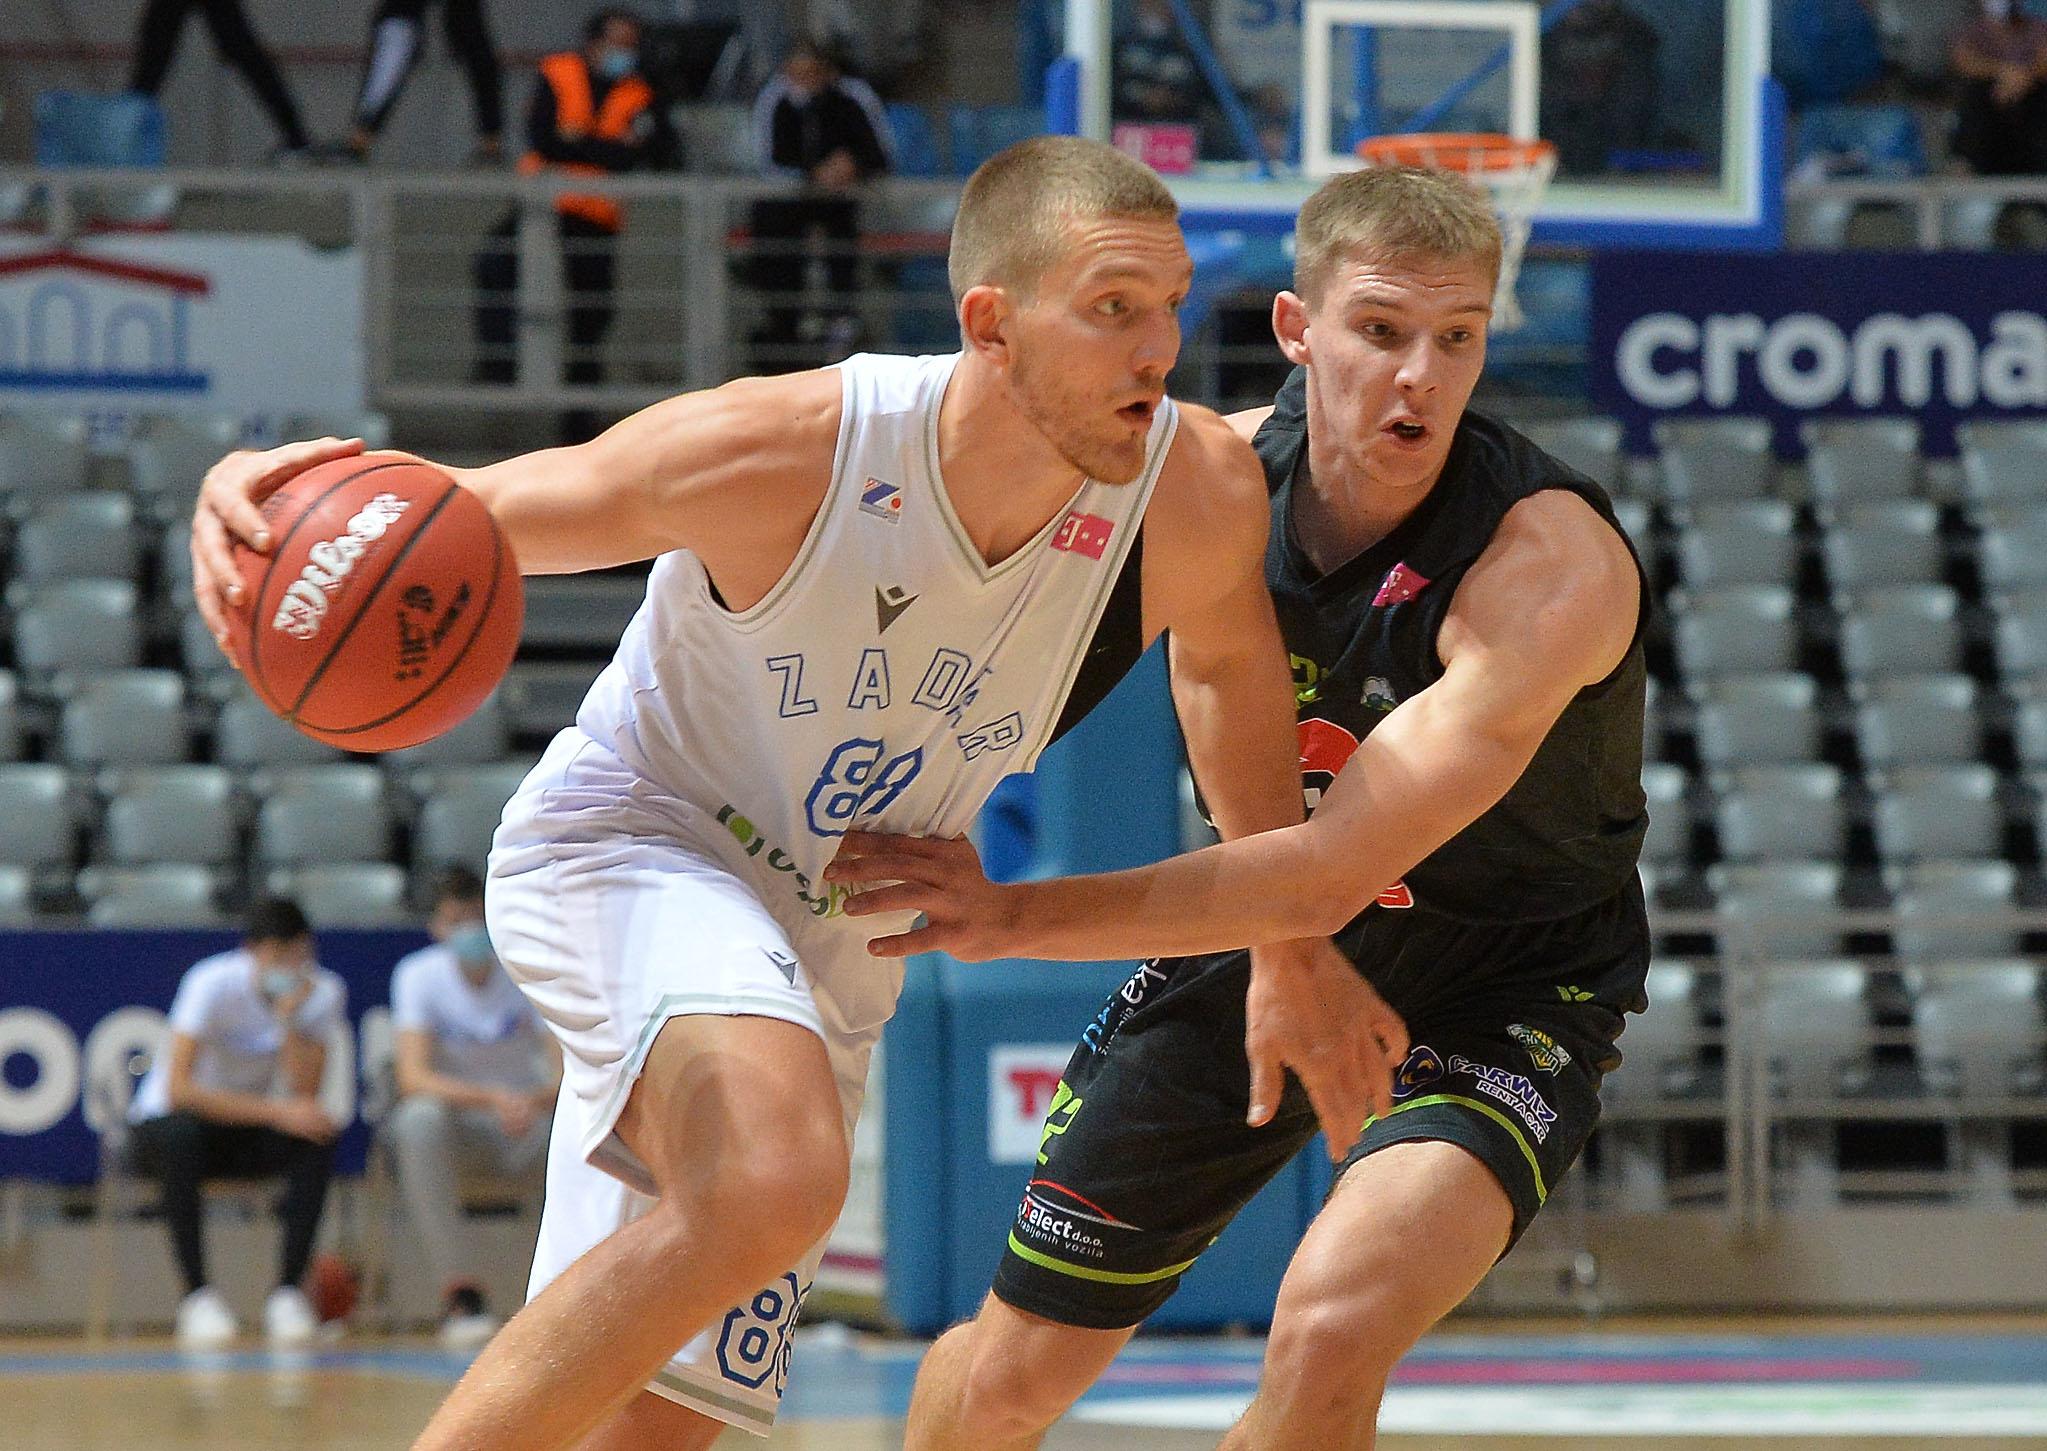 Zadnju su utakmicu Škrljevčani odigrali protiv Zadra/Foto Z. KUCELIN